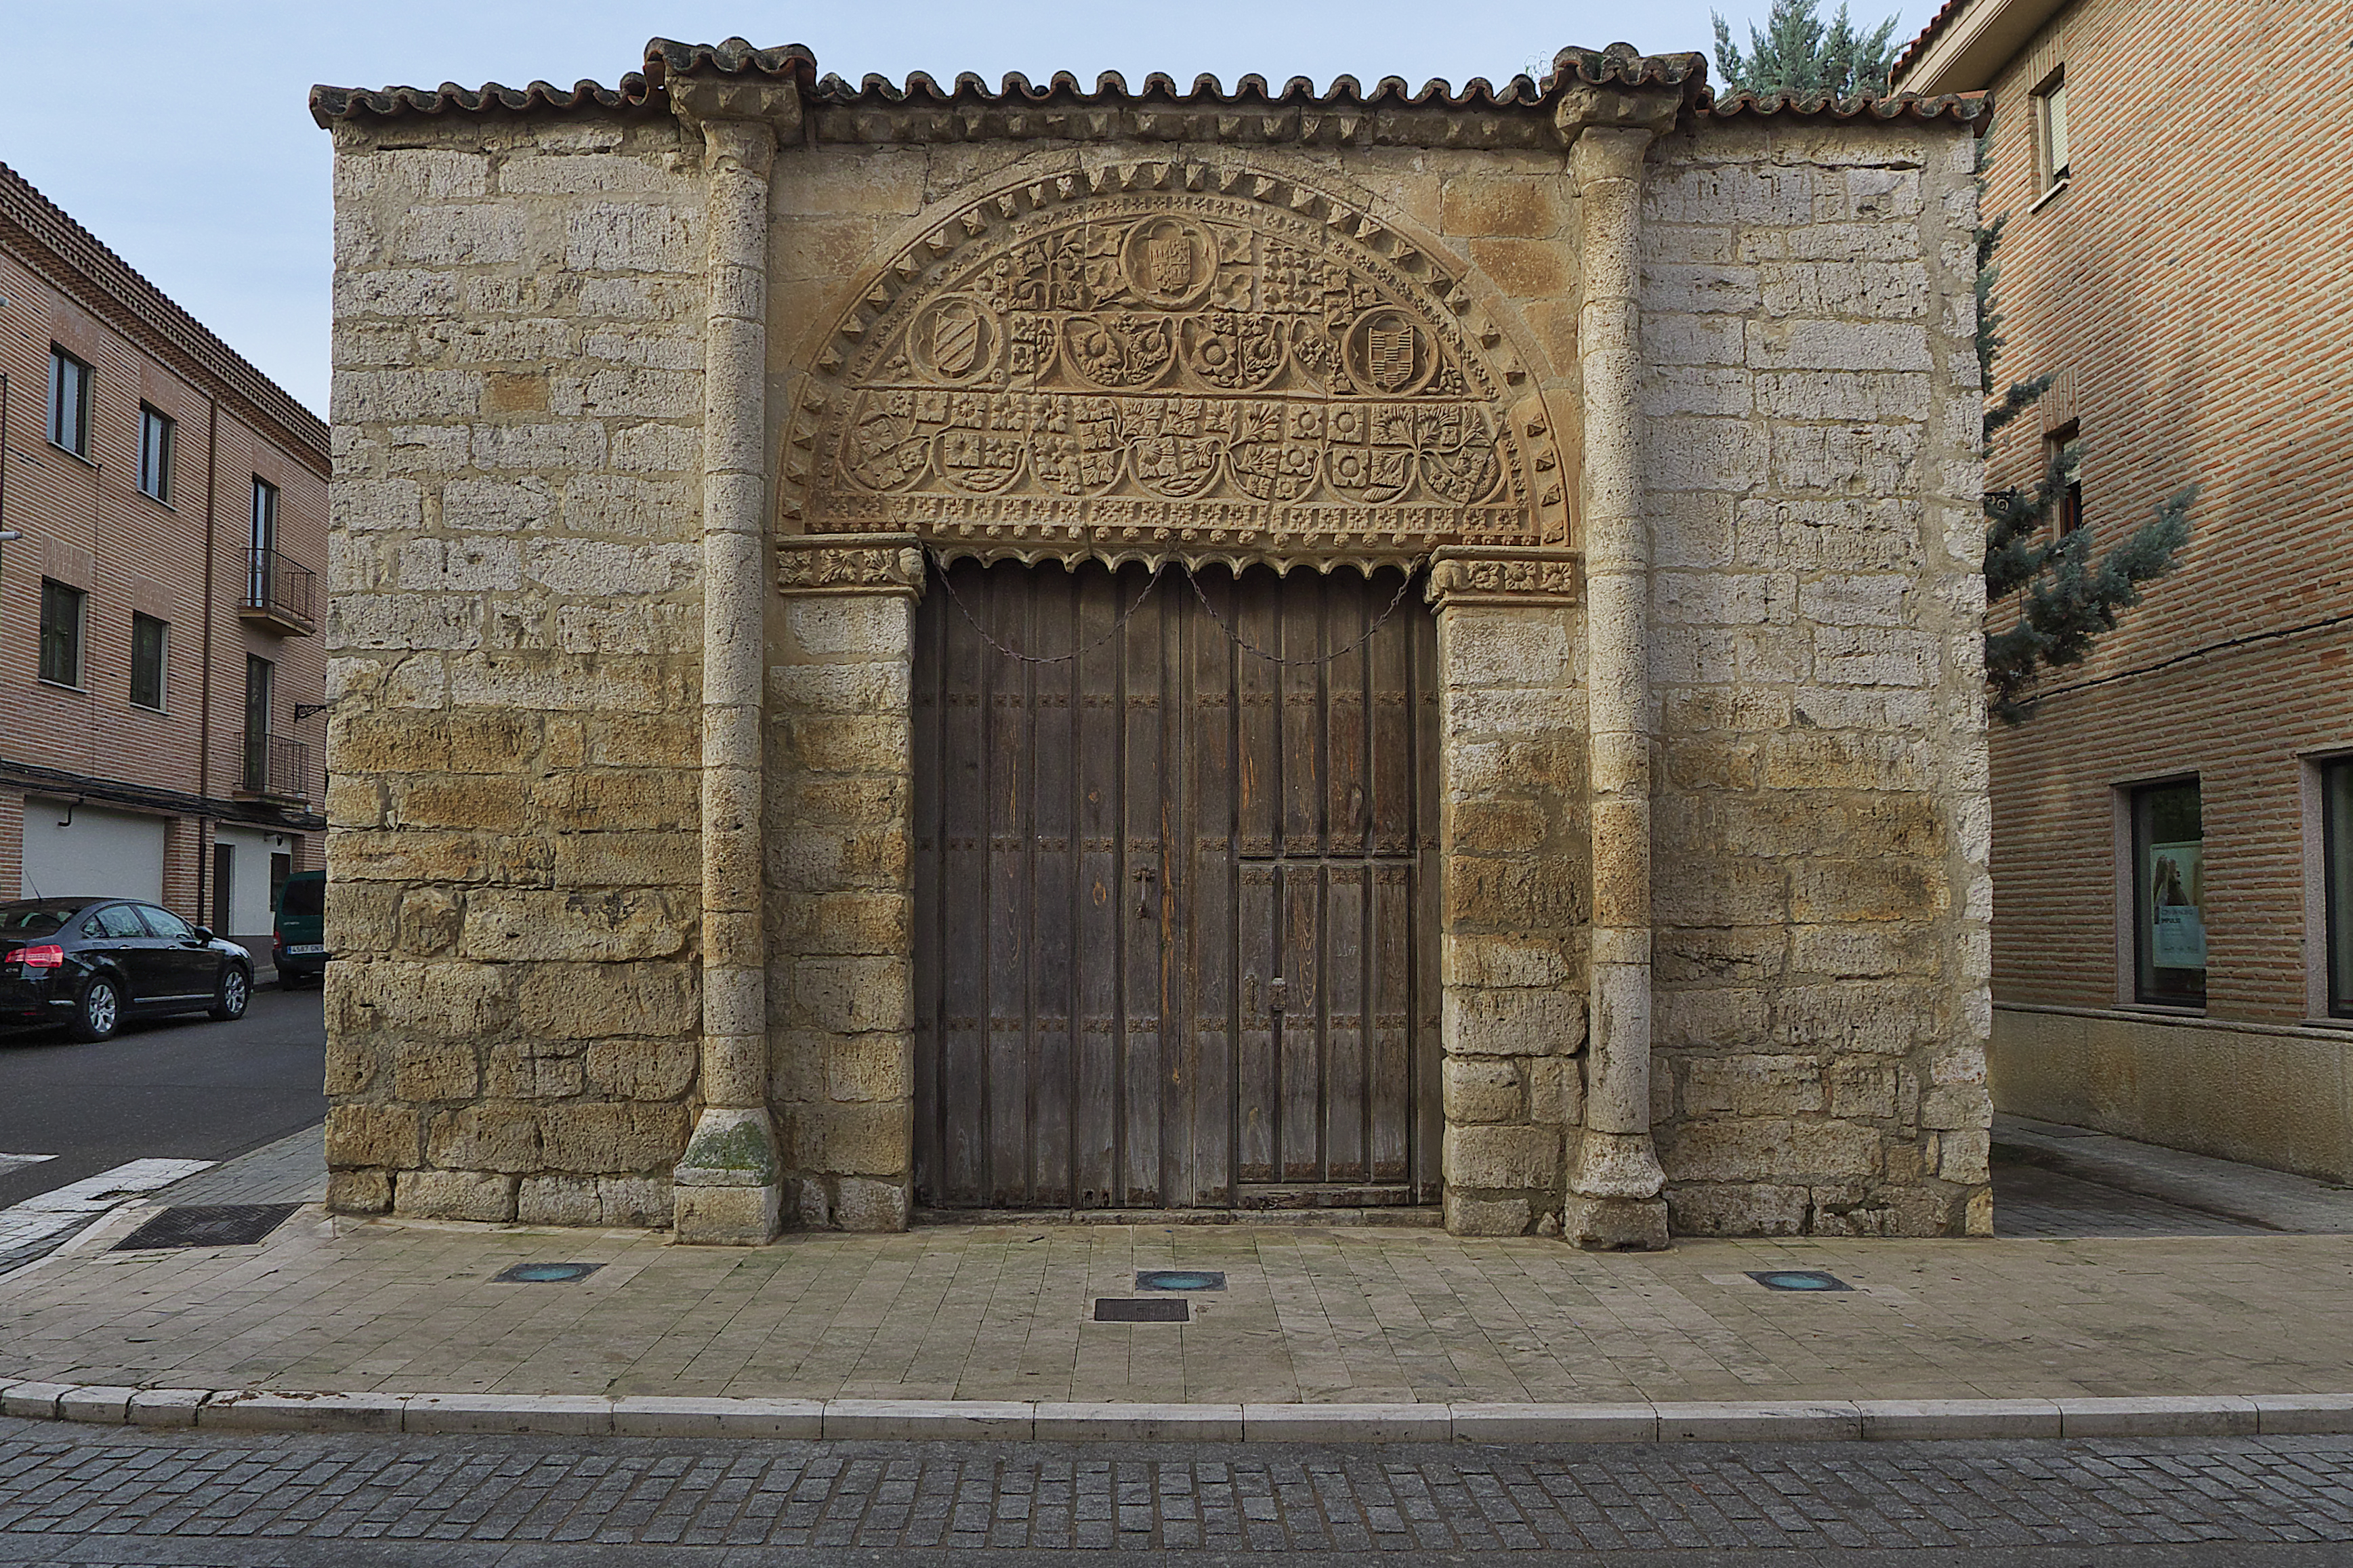 Palacio de las Leyes de Toro